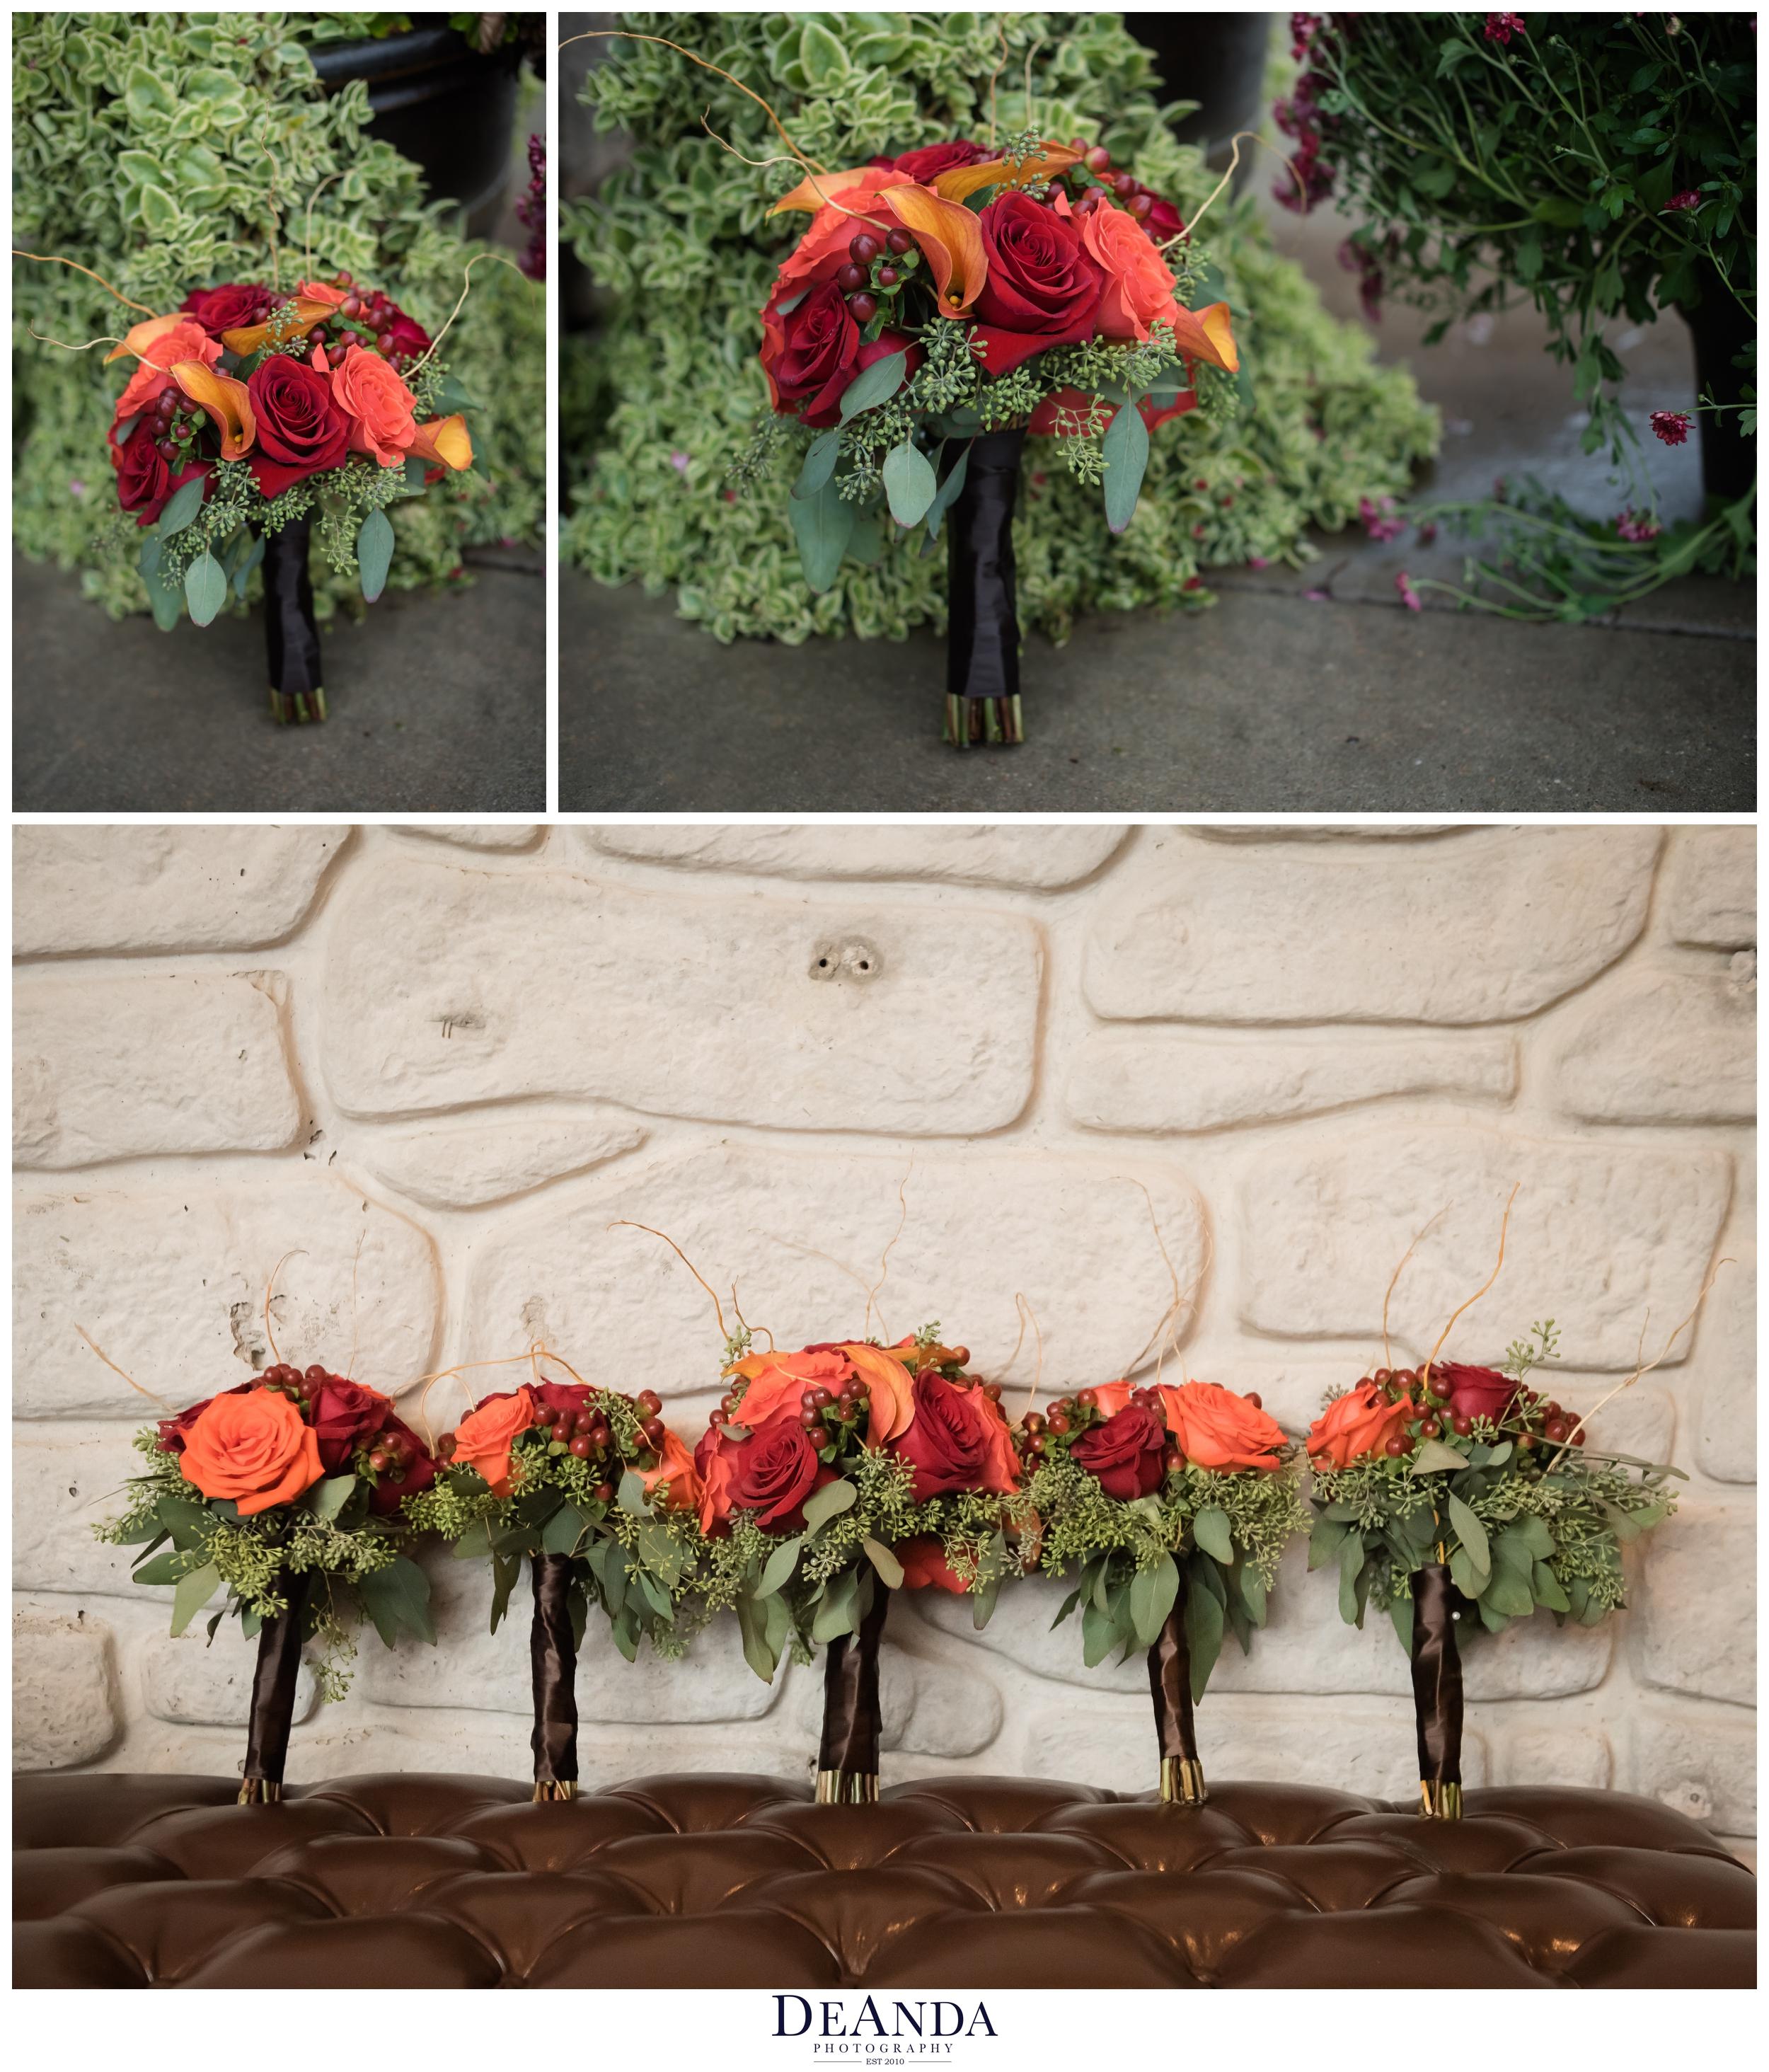 brides bouquet and bridesmaids bouquets